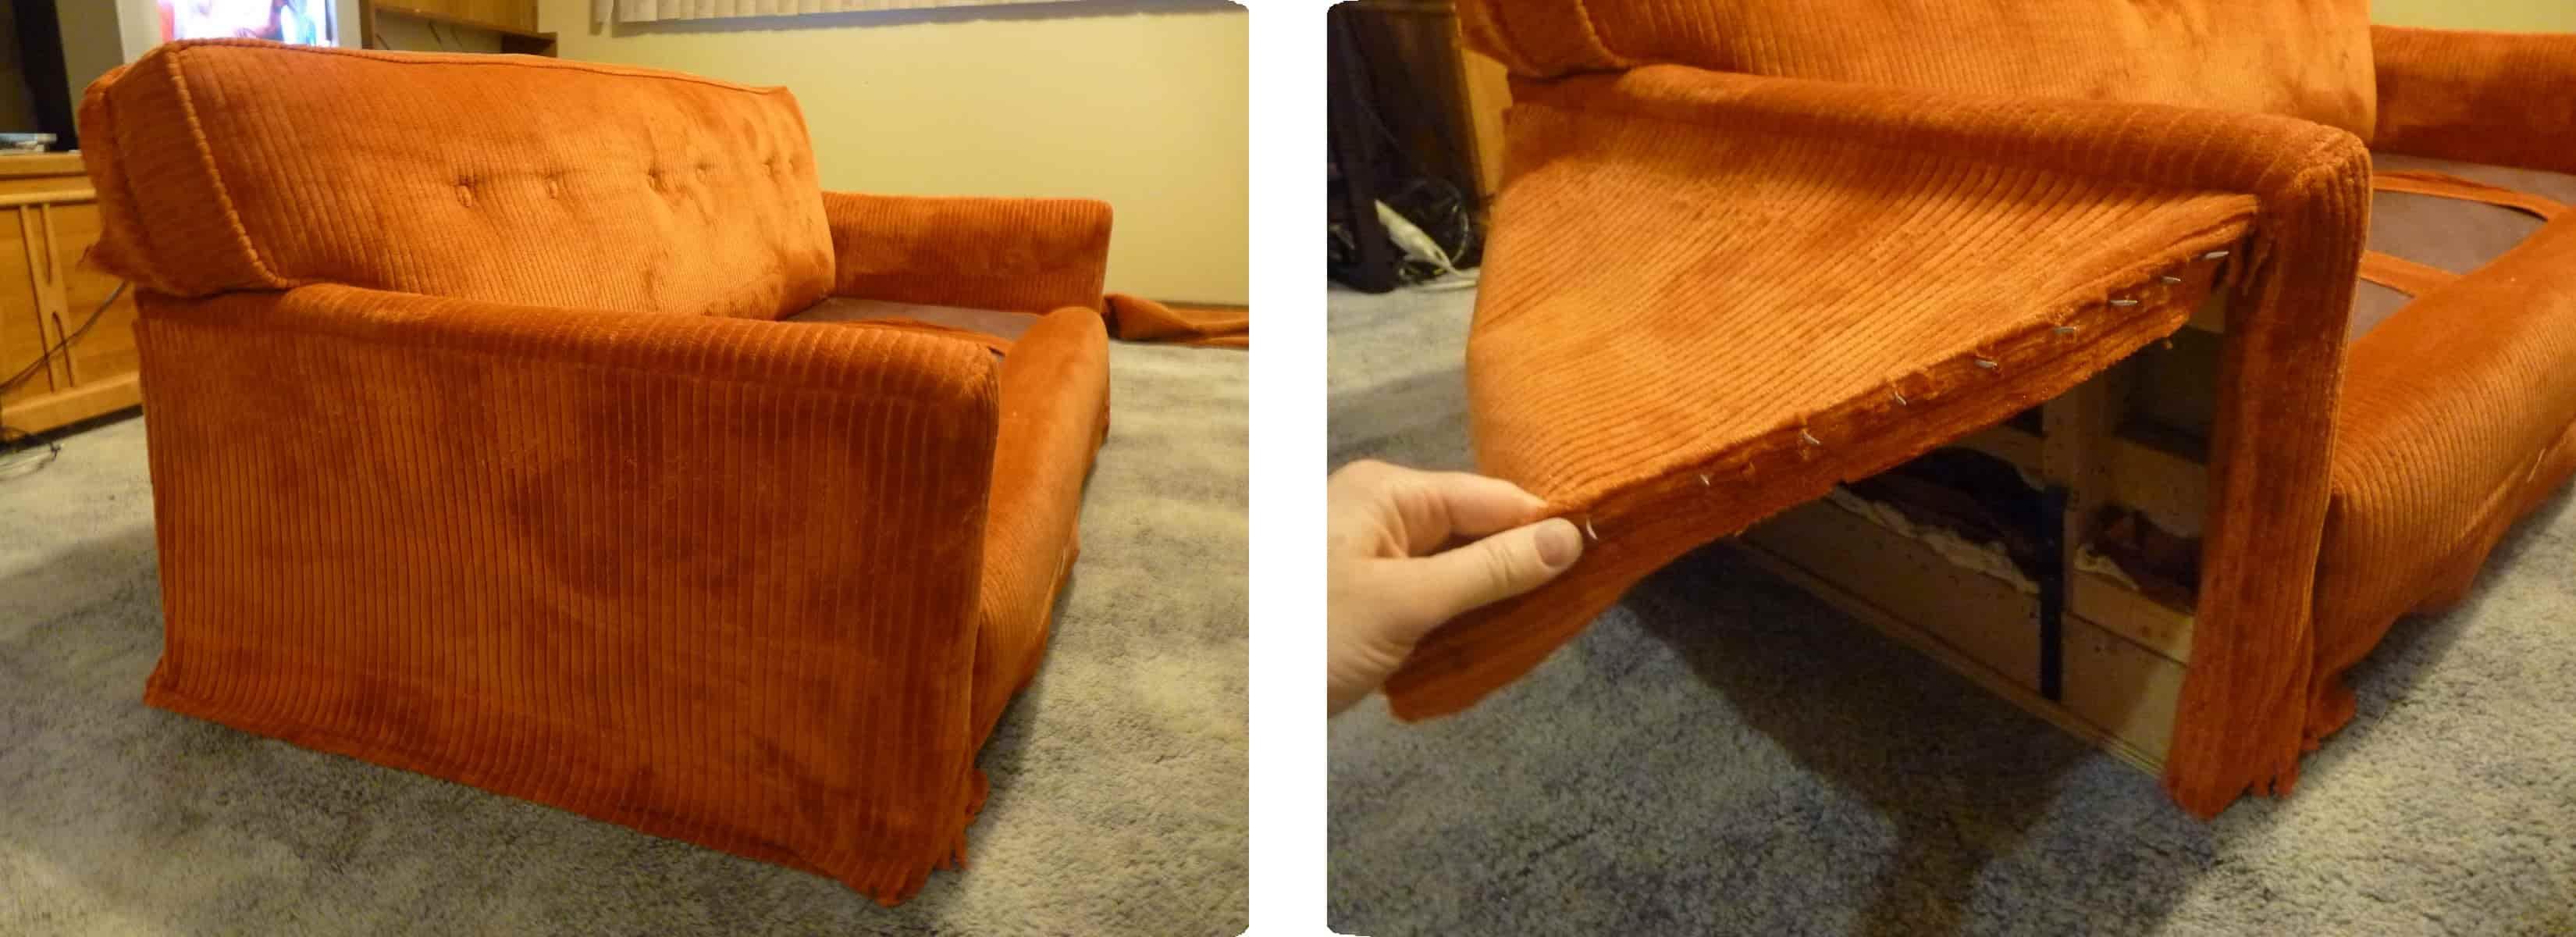 retirado de tela brazos del sillón para tapizar